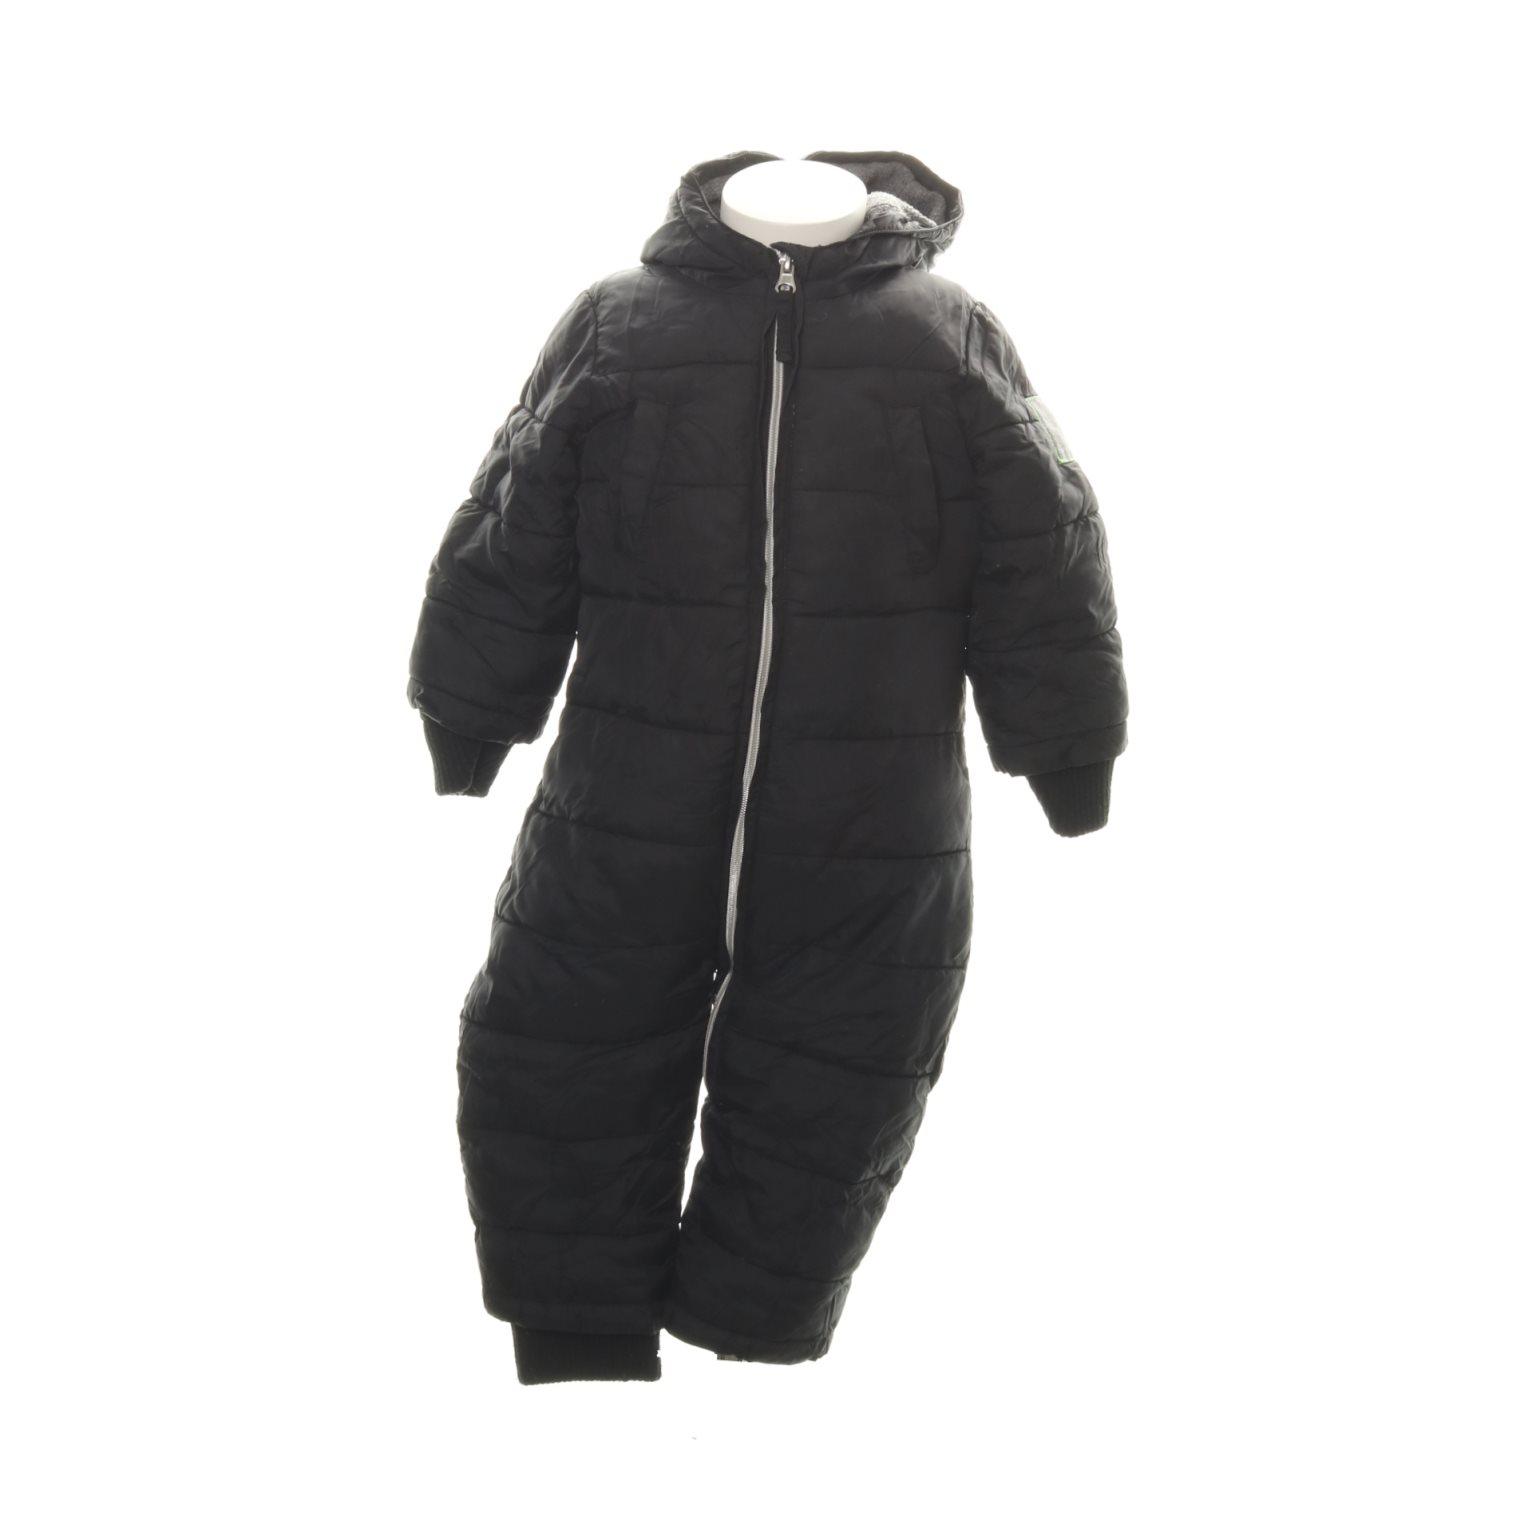 svart overall baby